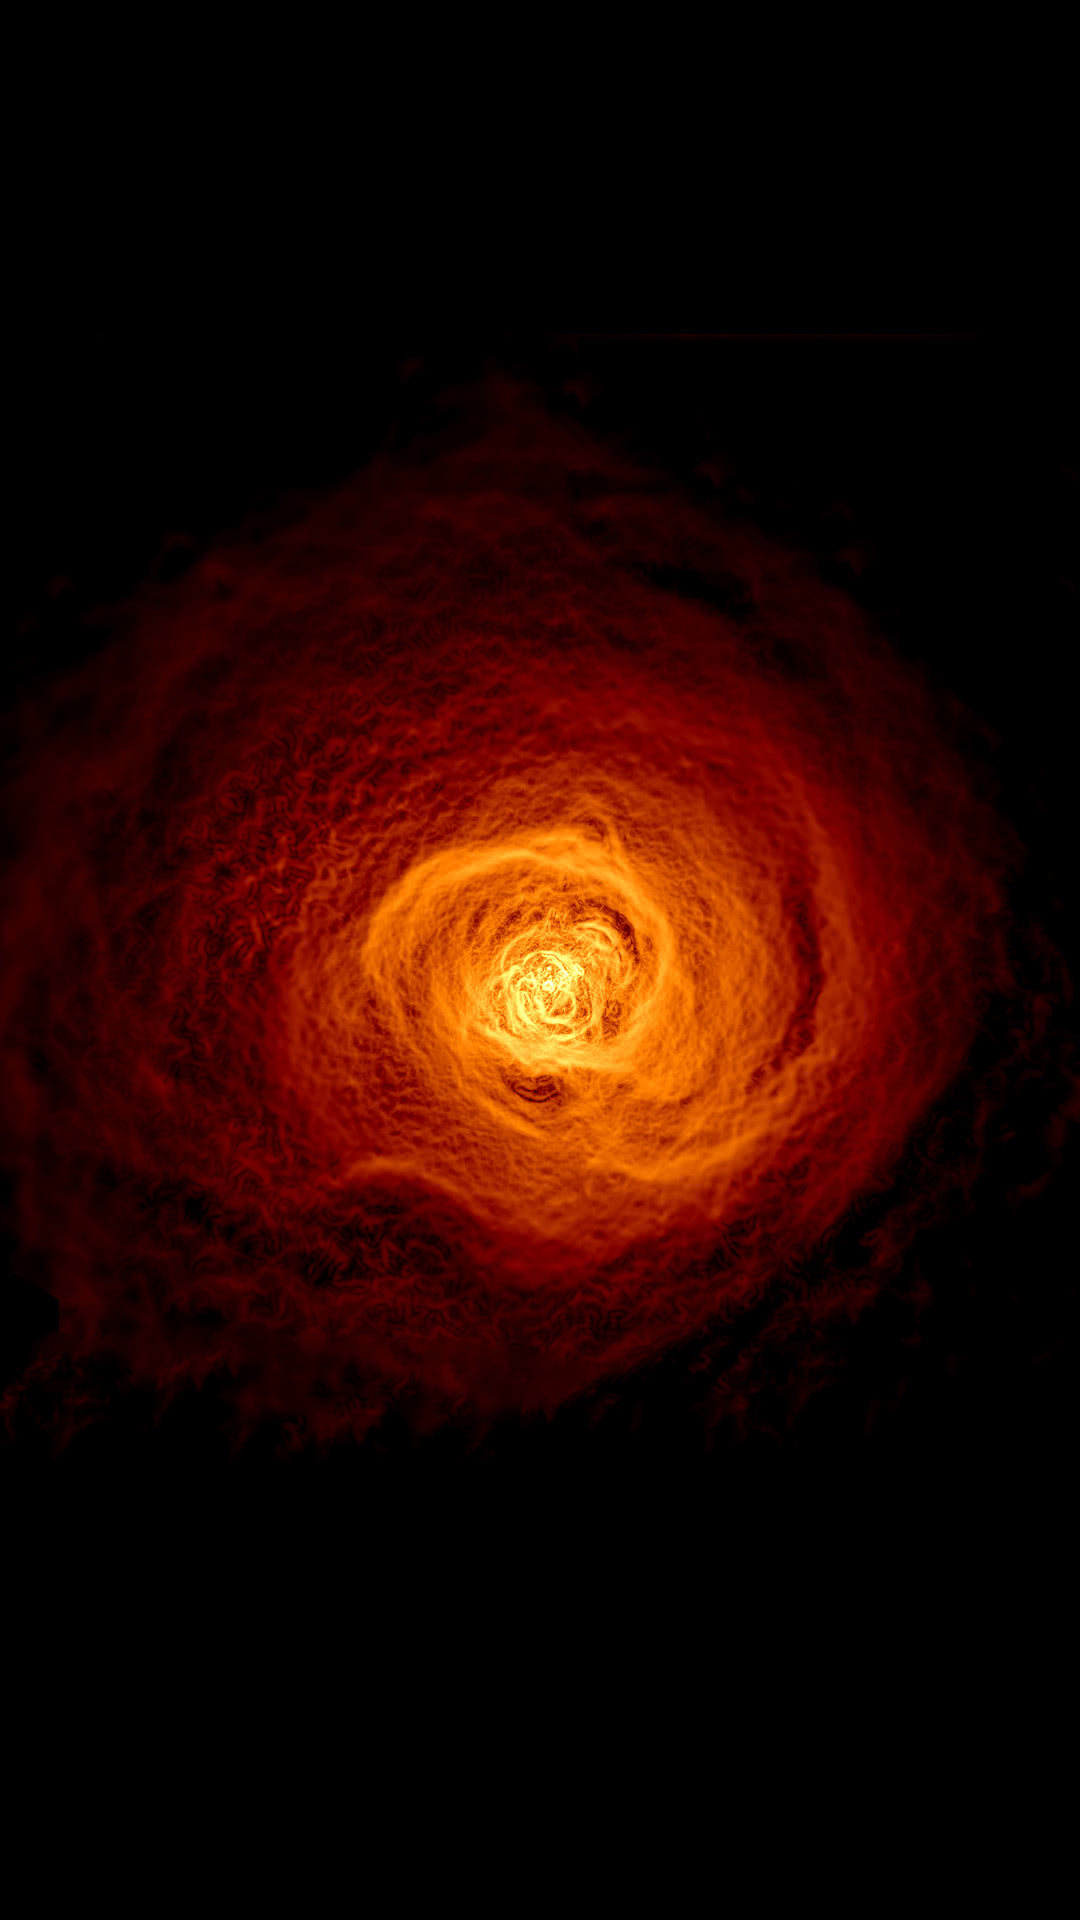 赤い銀河 かっこいい宇宙のスマホ壁紙 Iphone Wallpapers